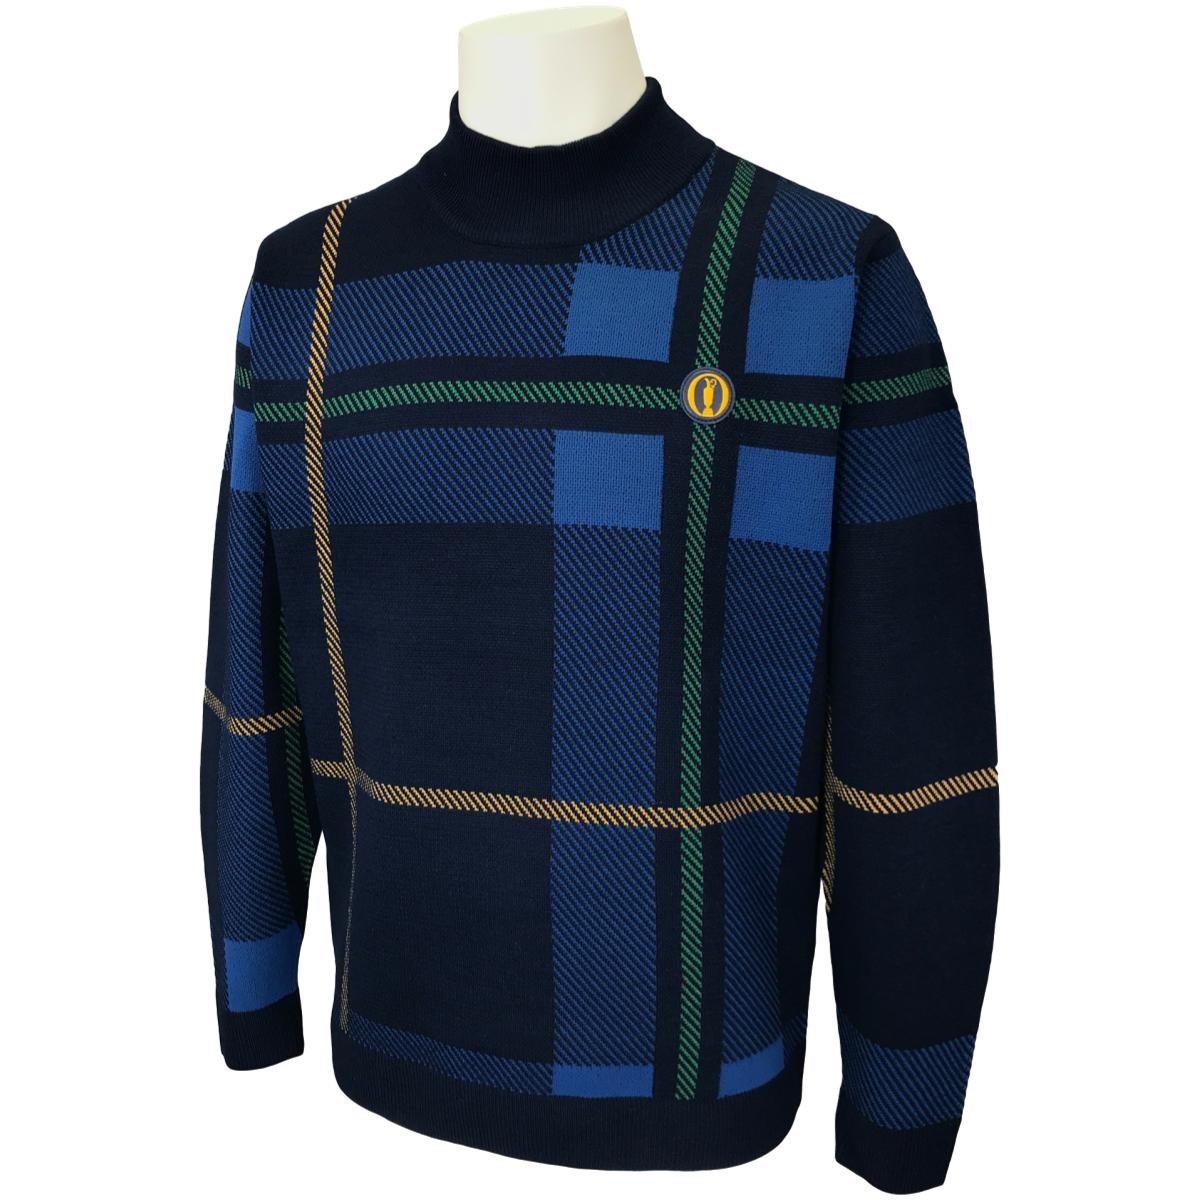 ジ オープン タータンチェックジャカードセーター